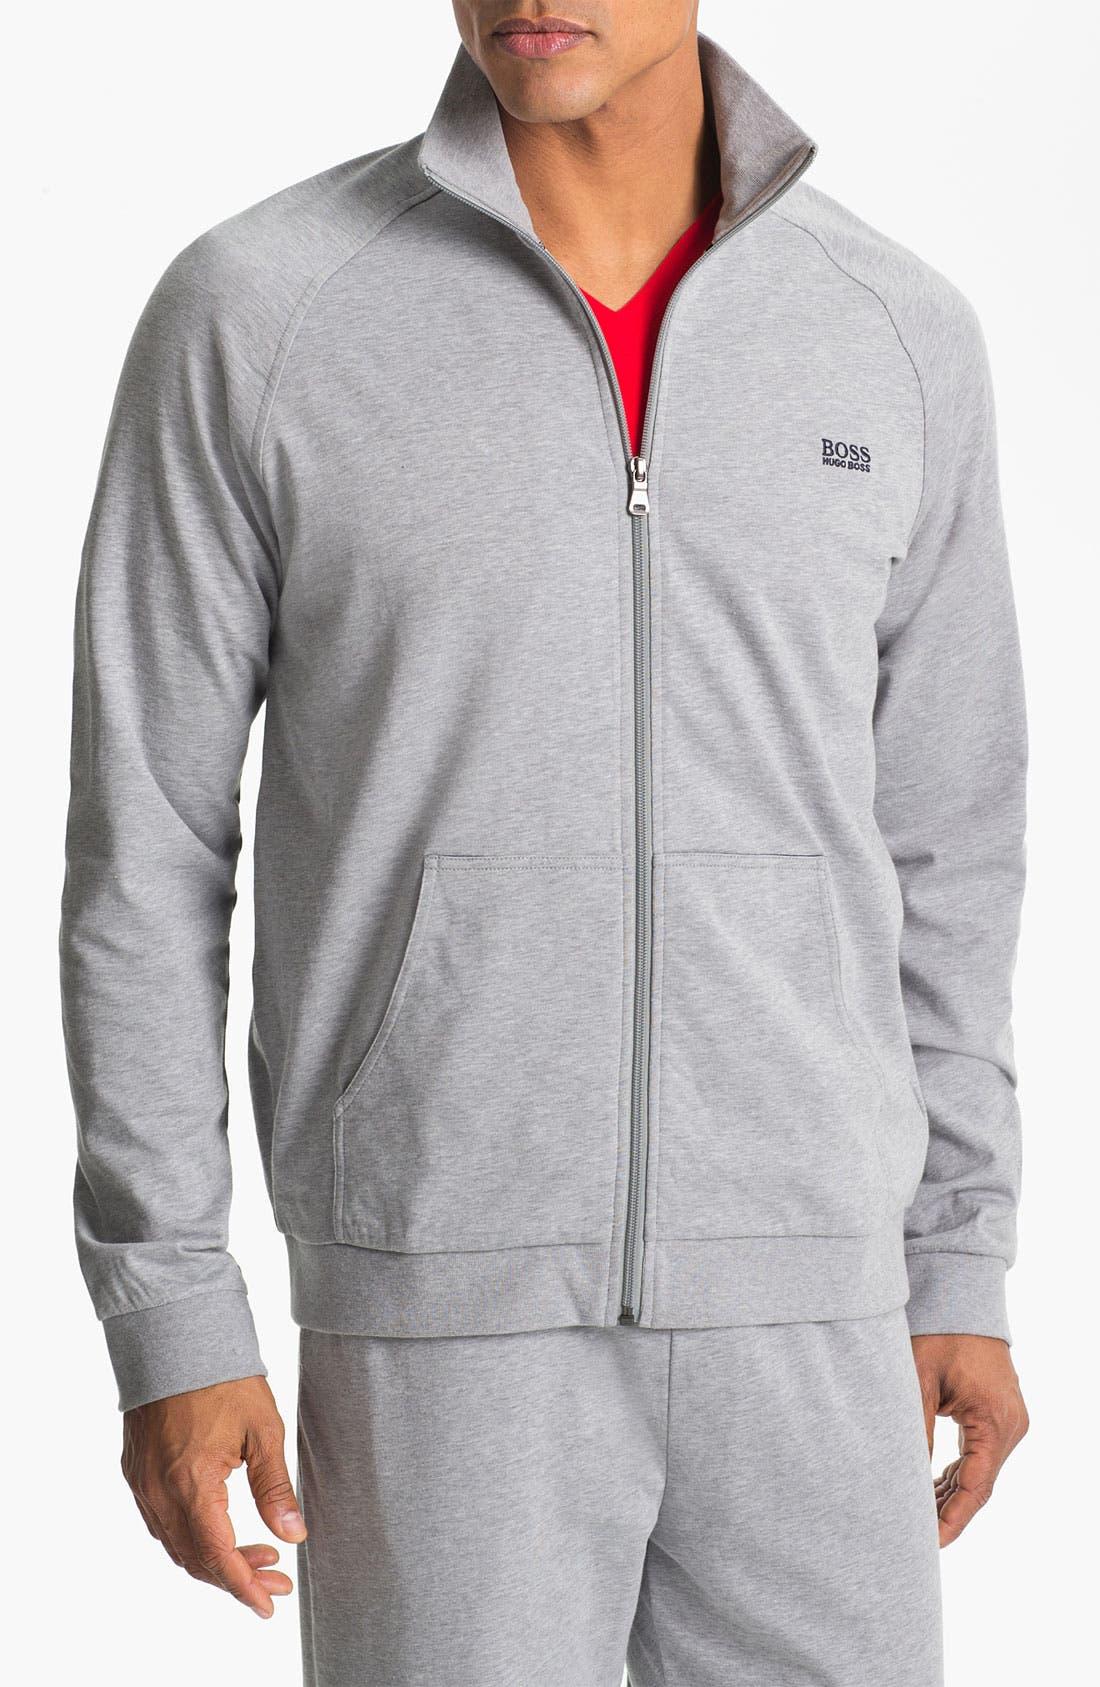 Alternate Image 1 Selected - BOSS HUGO BOSS 'Innovation' Full Zip Cotton Track Jacket